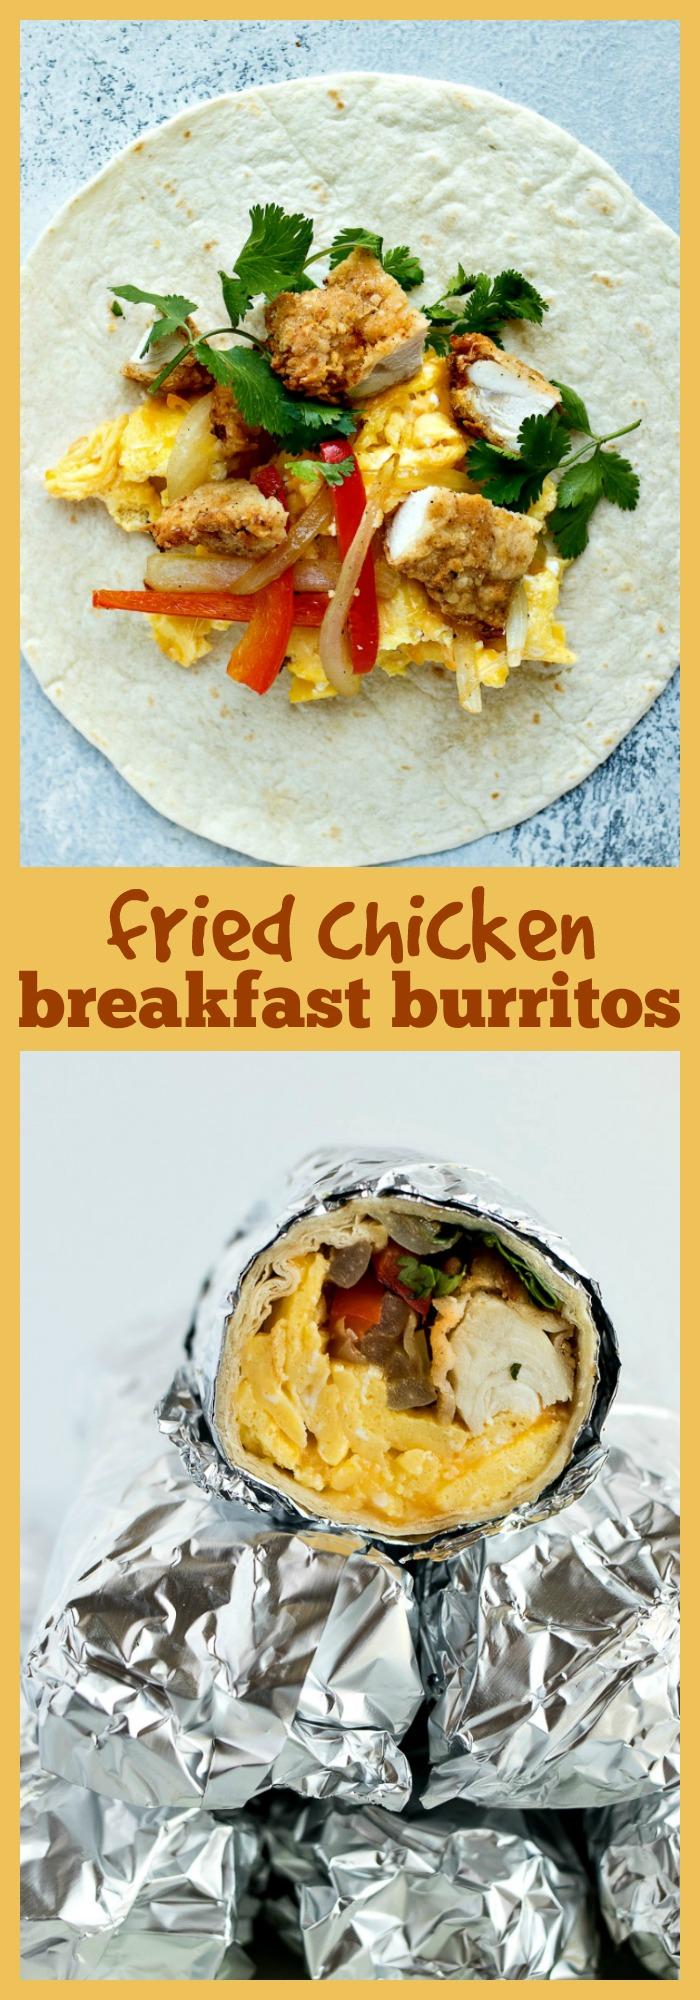 Fried Chicken Breakfast Burritos photo collage